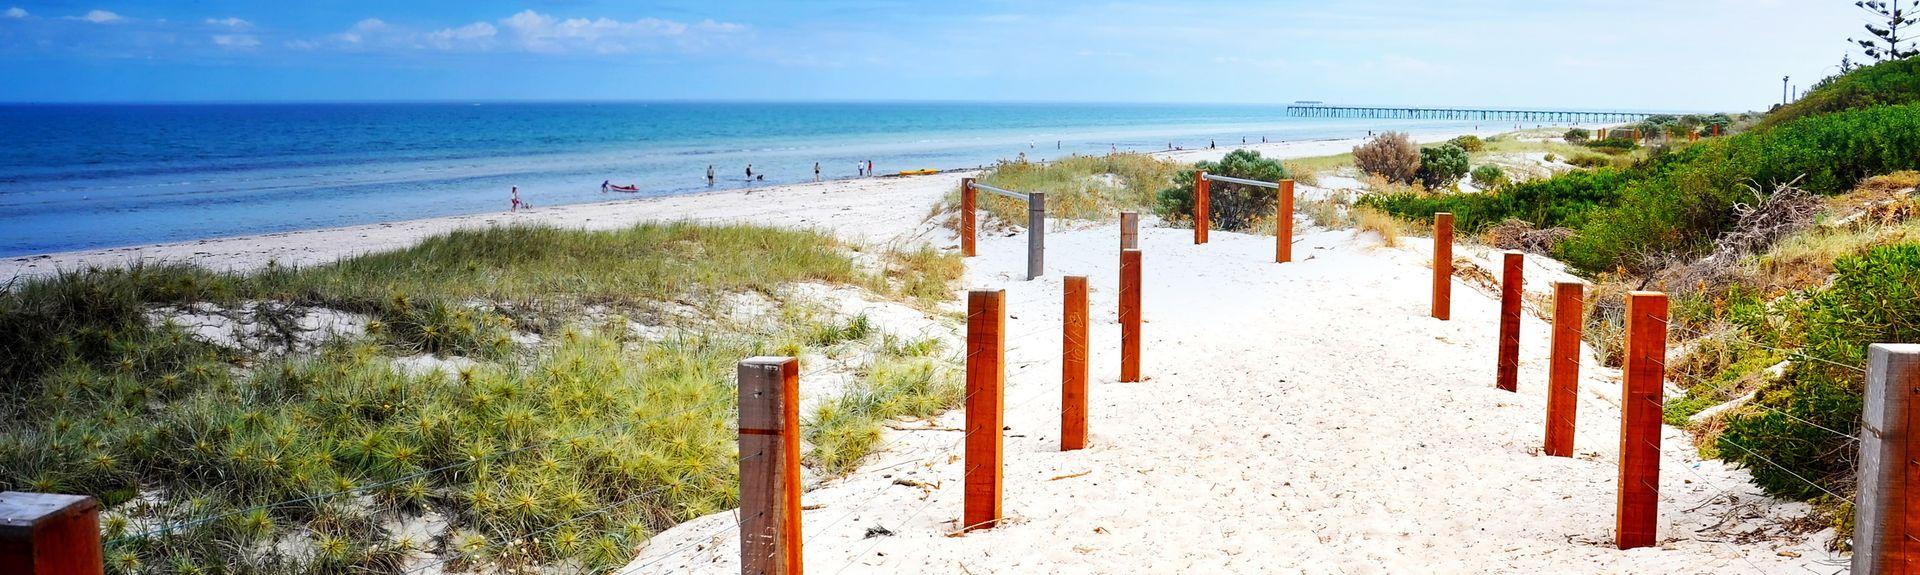 Henley Beach, Adelaide, South Australia/Südaustralien, Australien